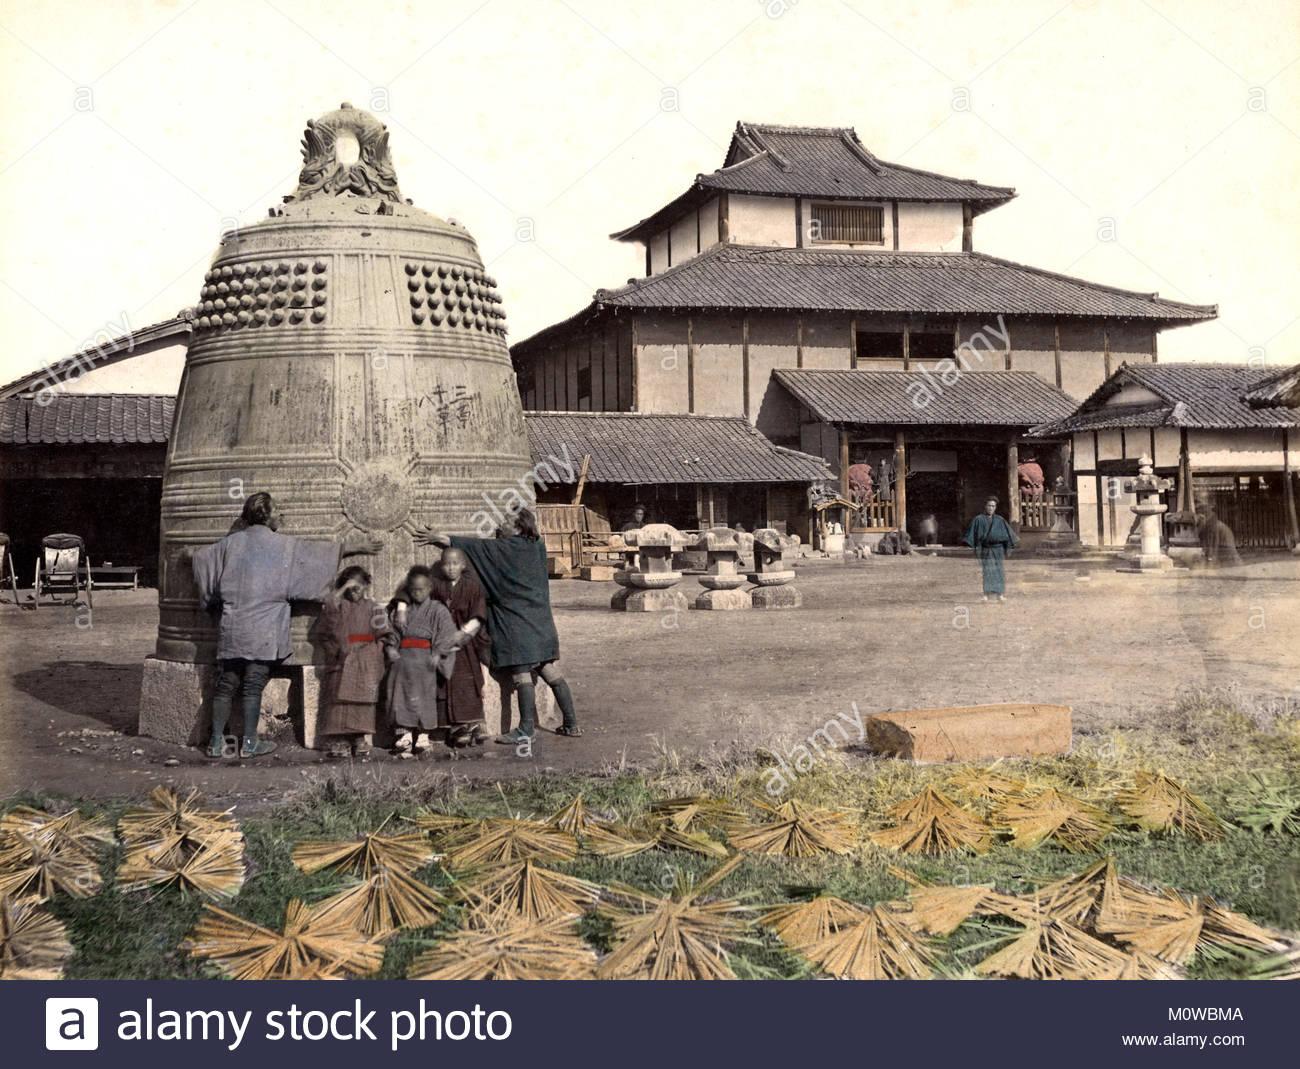 c-1880s-japan-giant-bronze-bell-M0WBMA.jpg